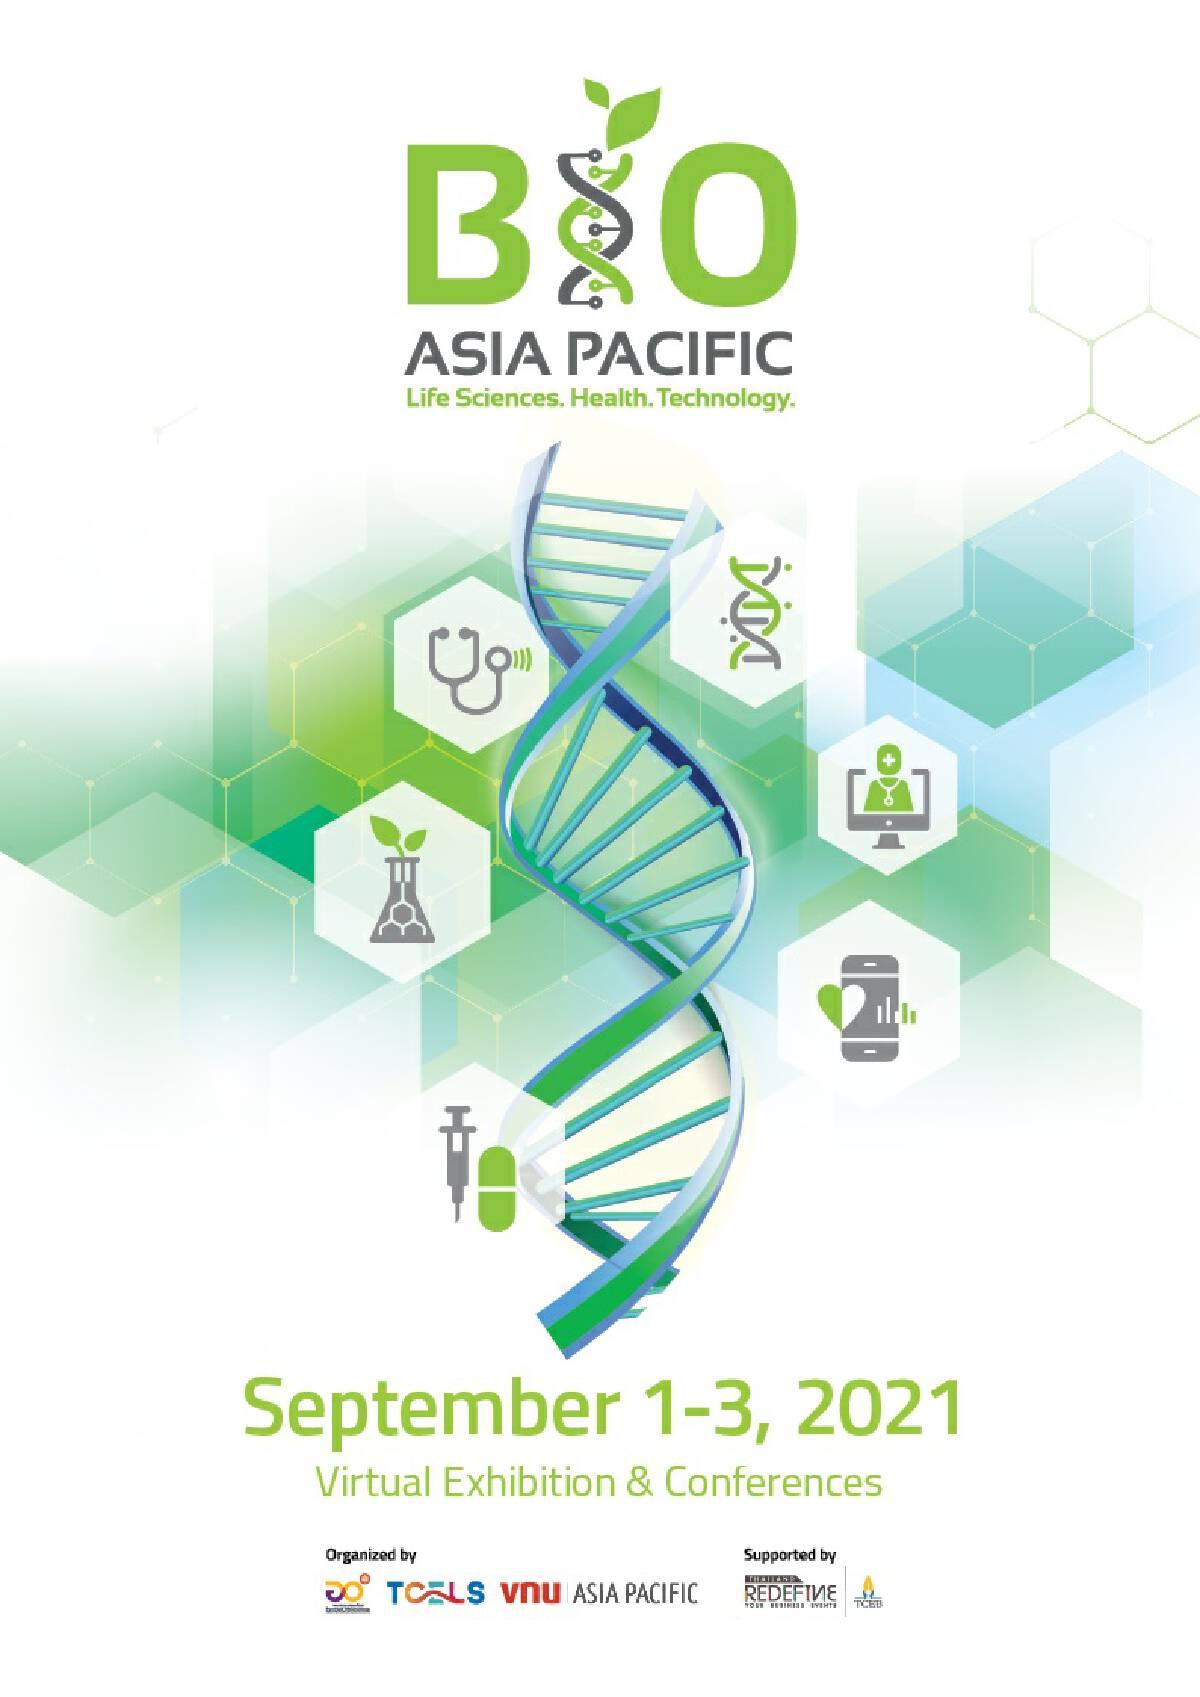 ทีเซลส์ จับมือ วีเอ็นยู เอเชียฯ จัดใหญ่ Bio Asia Pacific 2021